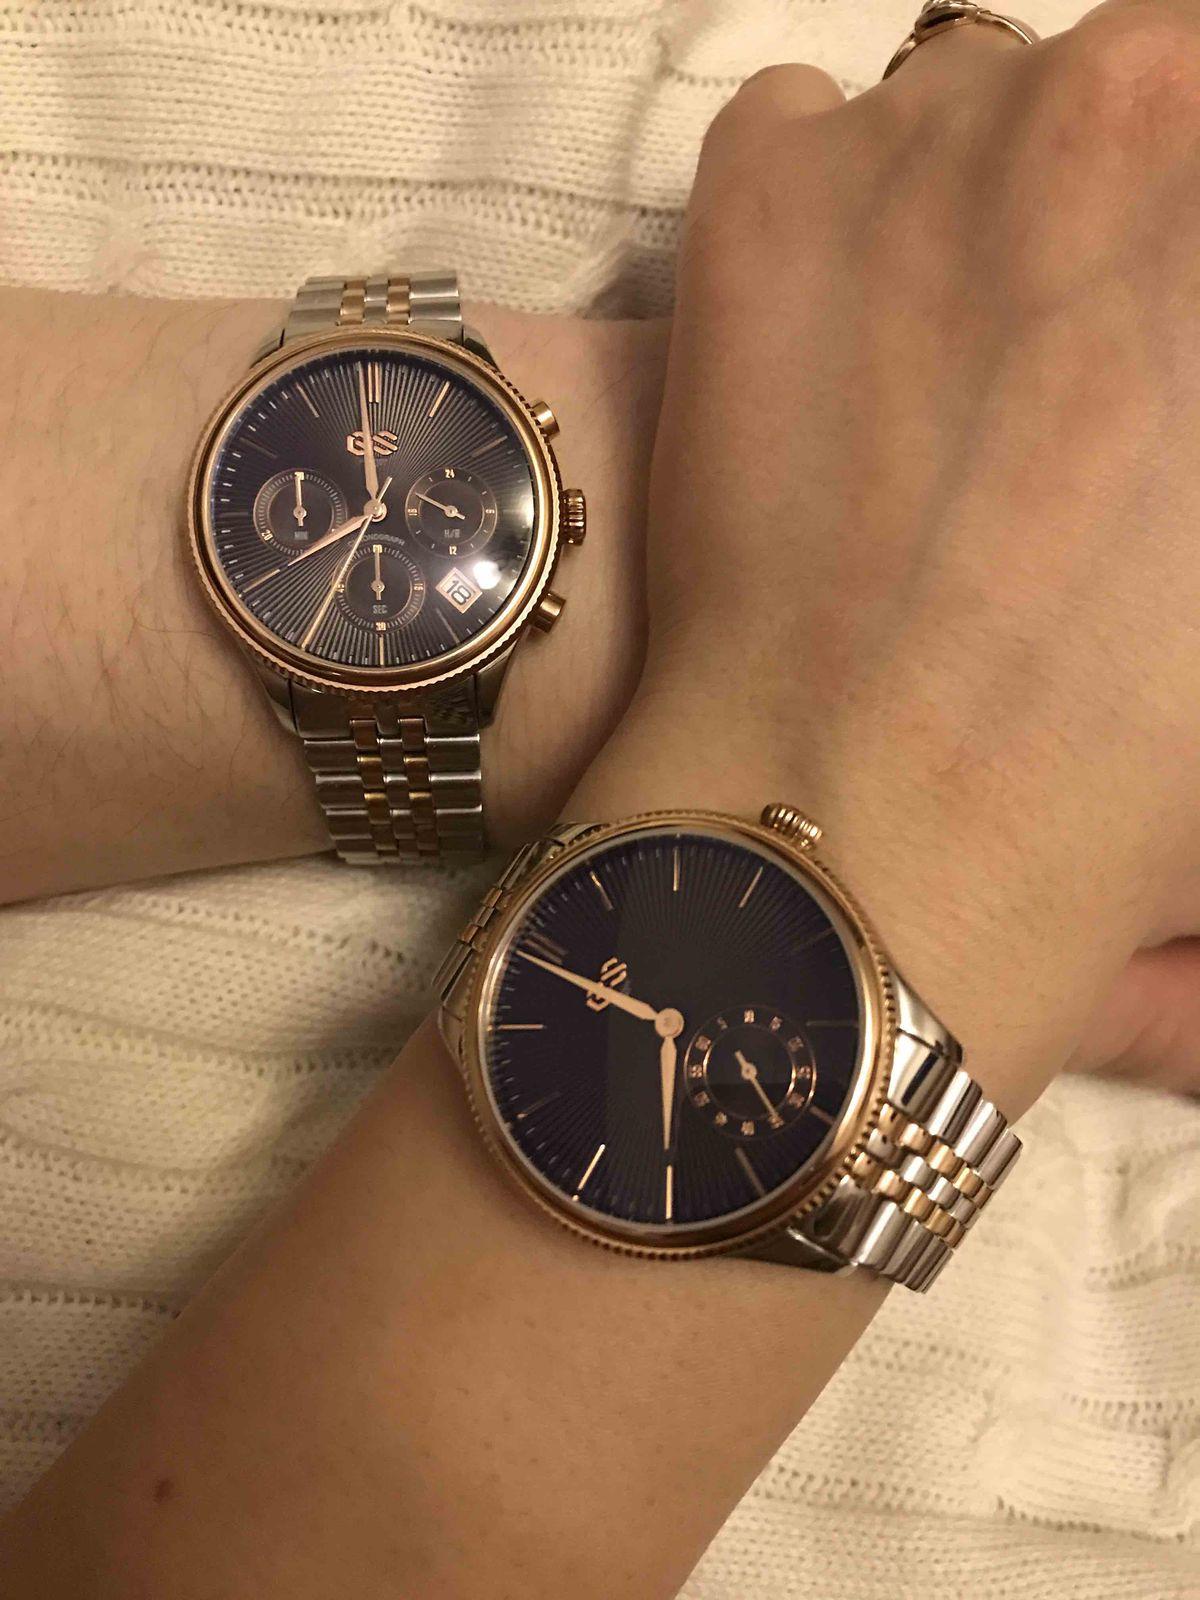 Супер часы , я доволен этой покупкой